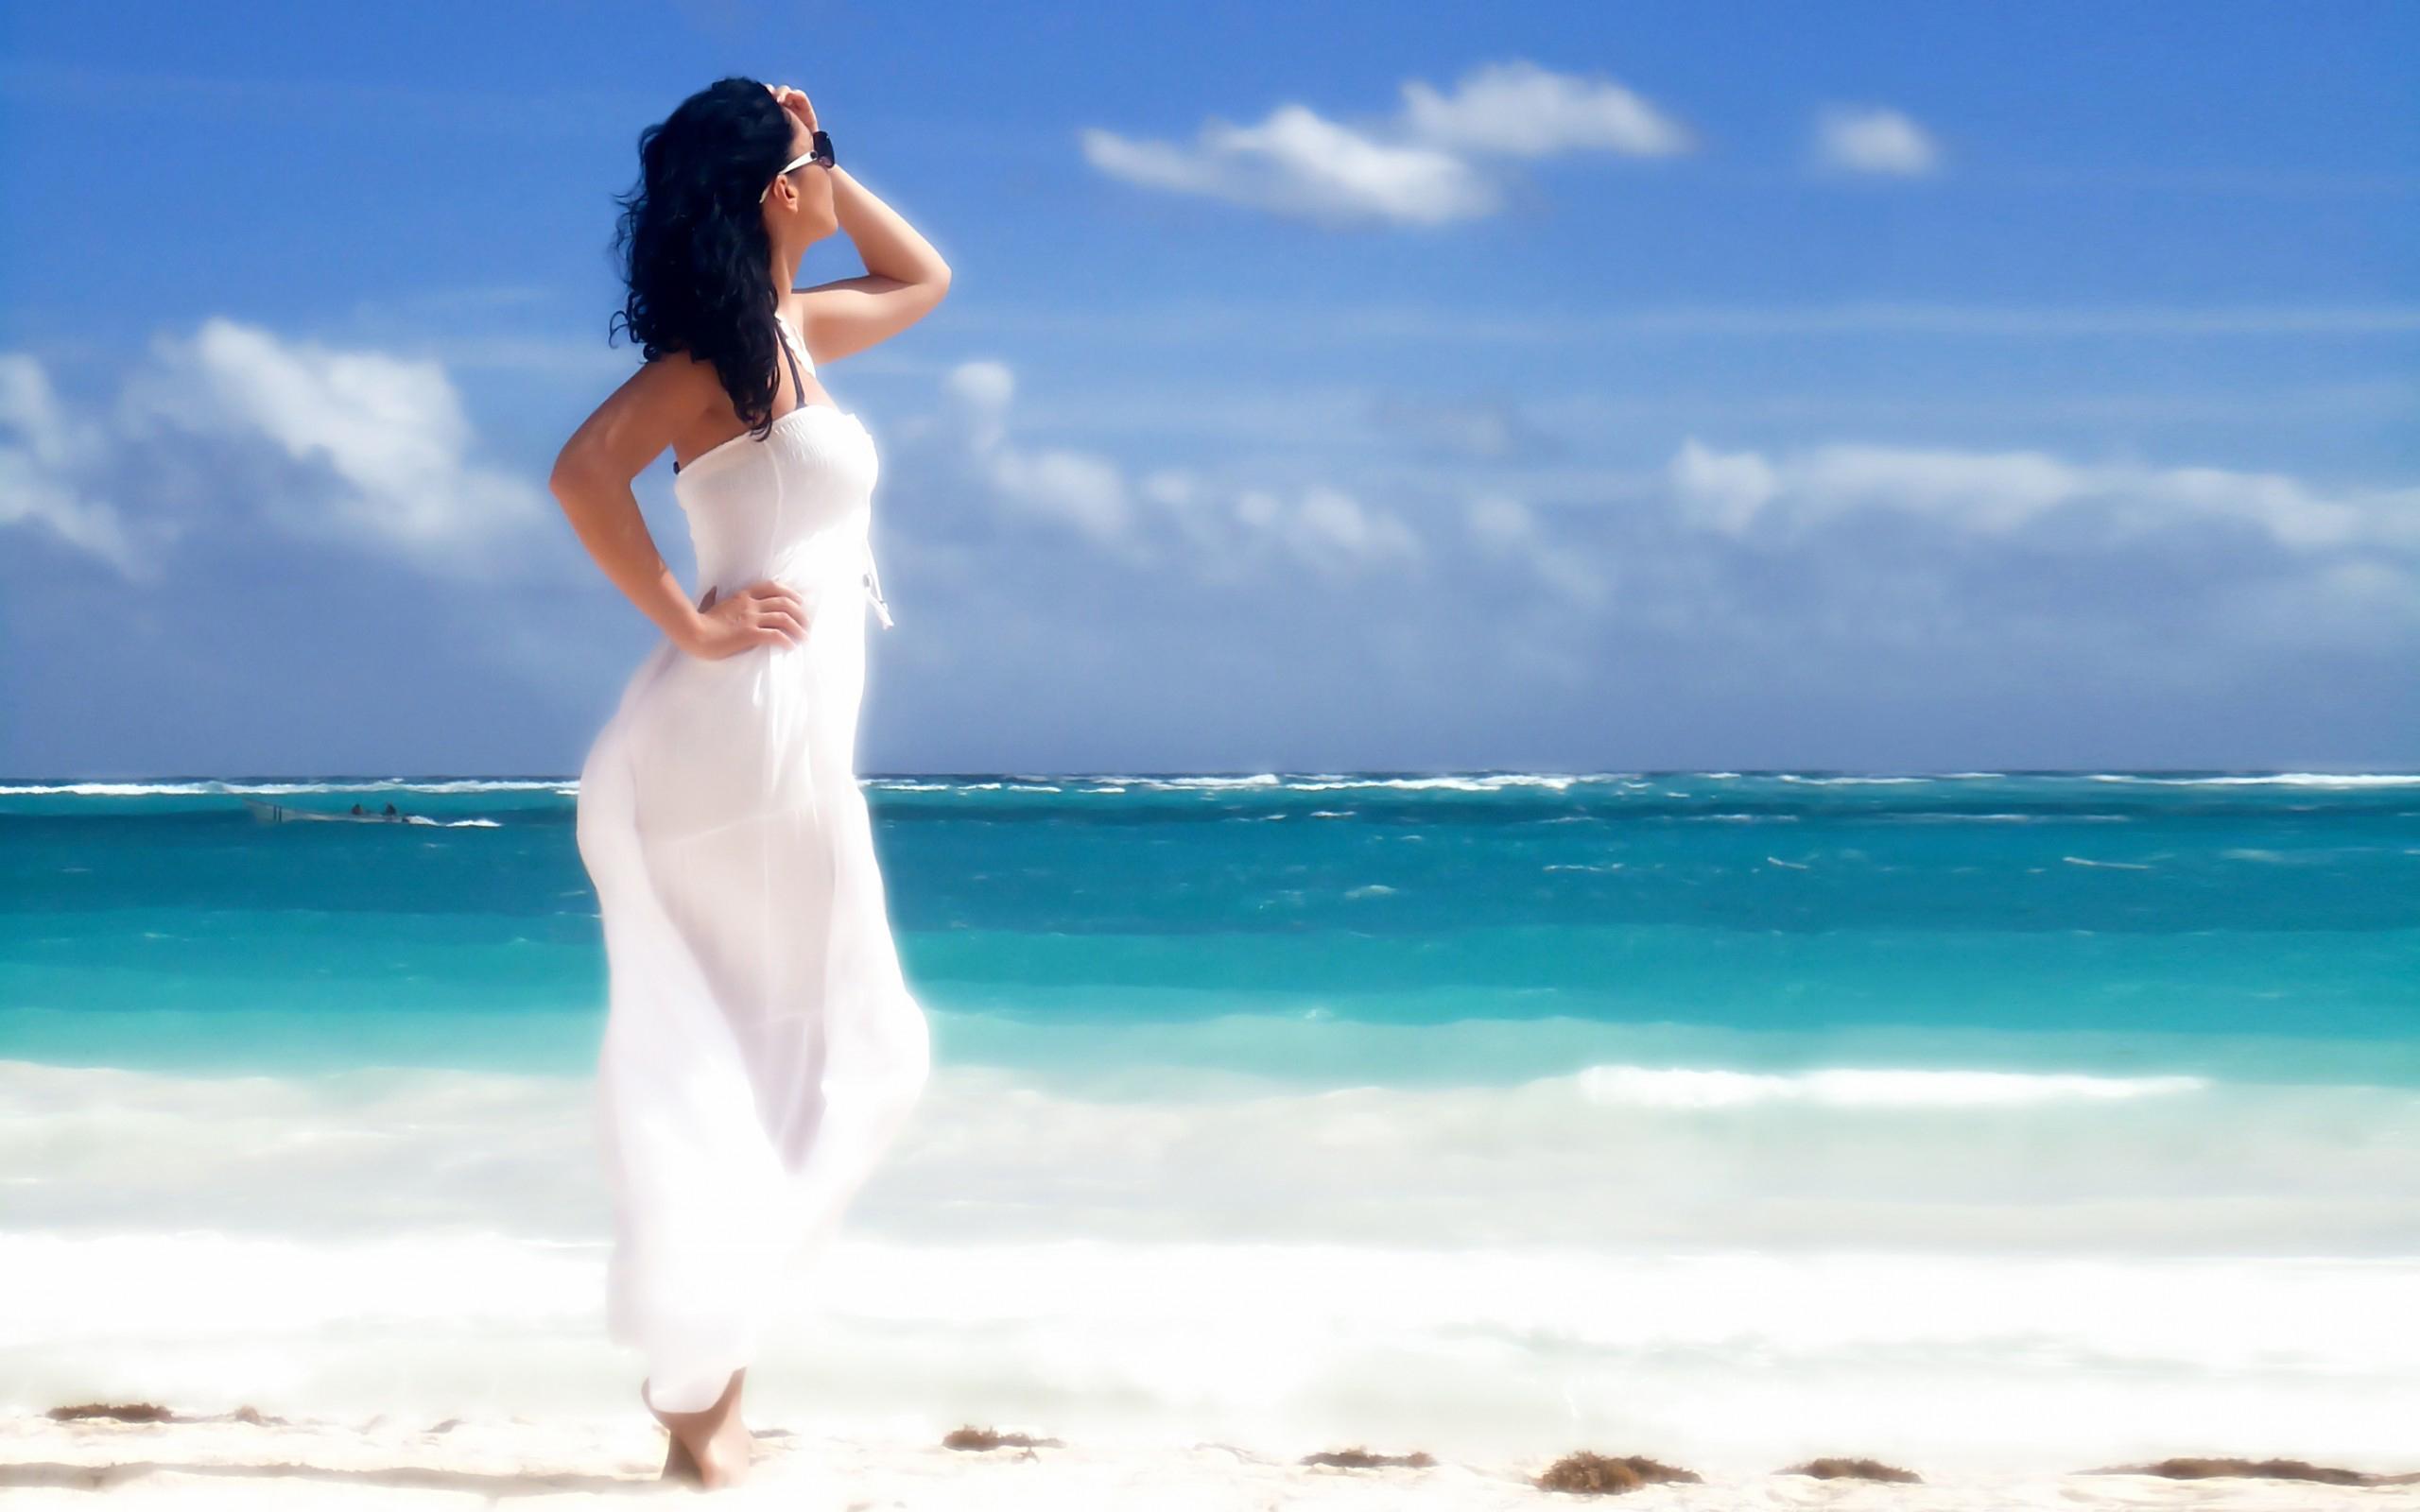 фото женщин на берегу моря фото бесплатно 11